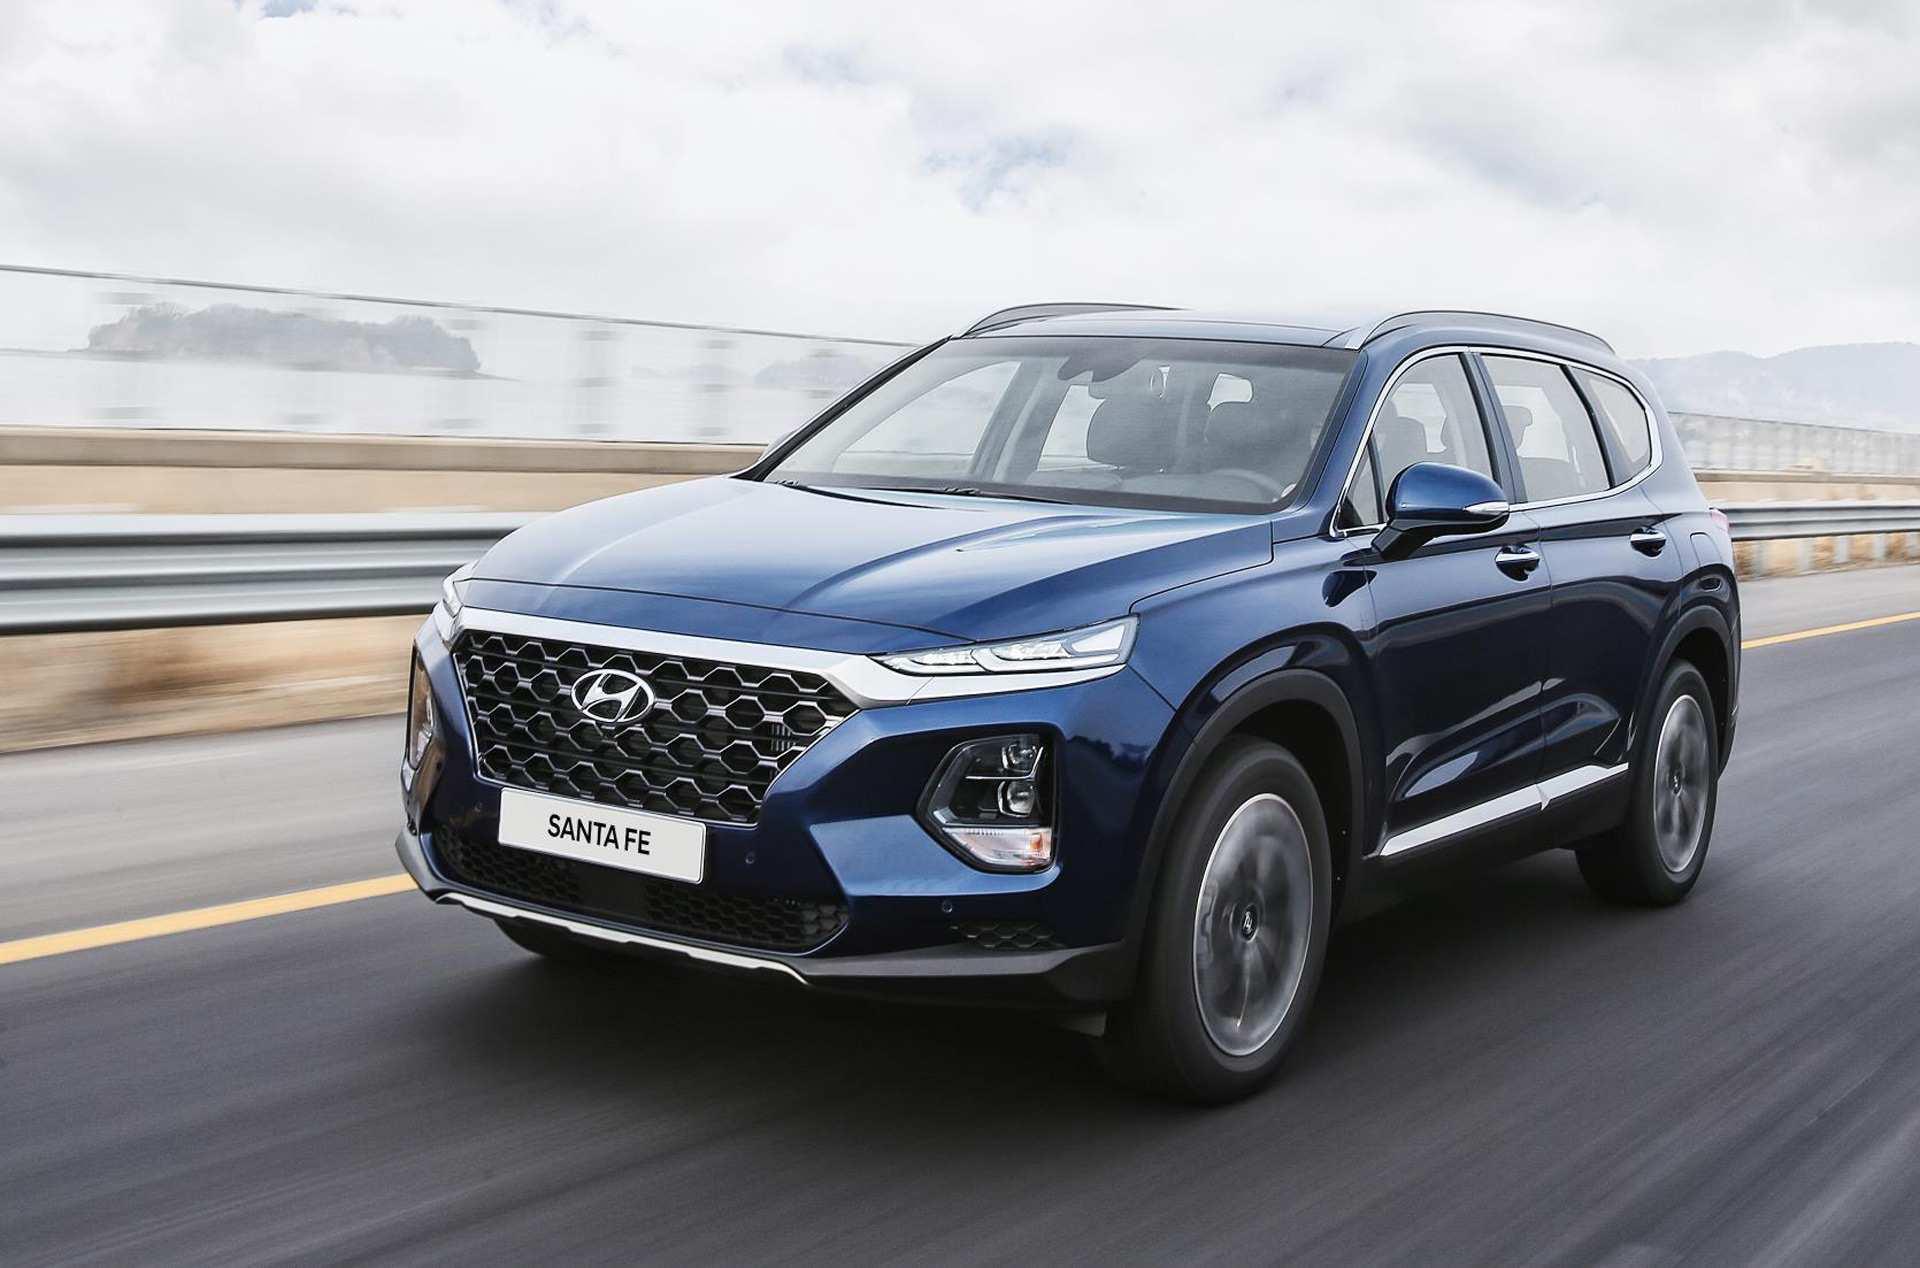 33 All New Hyundai Santa Cruz 2020 Price and Review for Hyundai Santa Cruz 2020